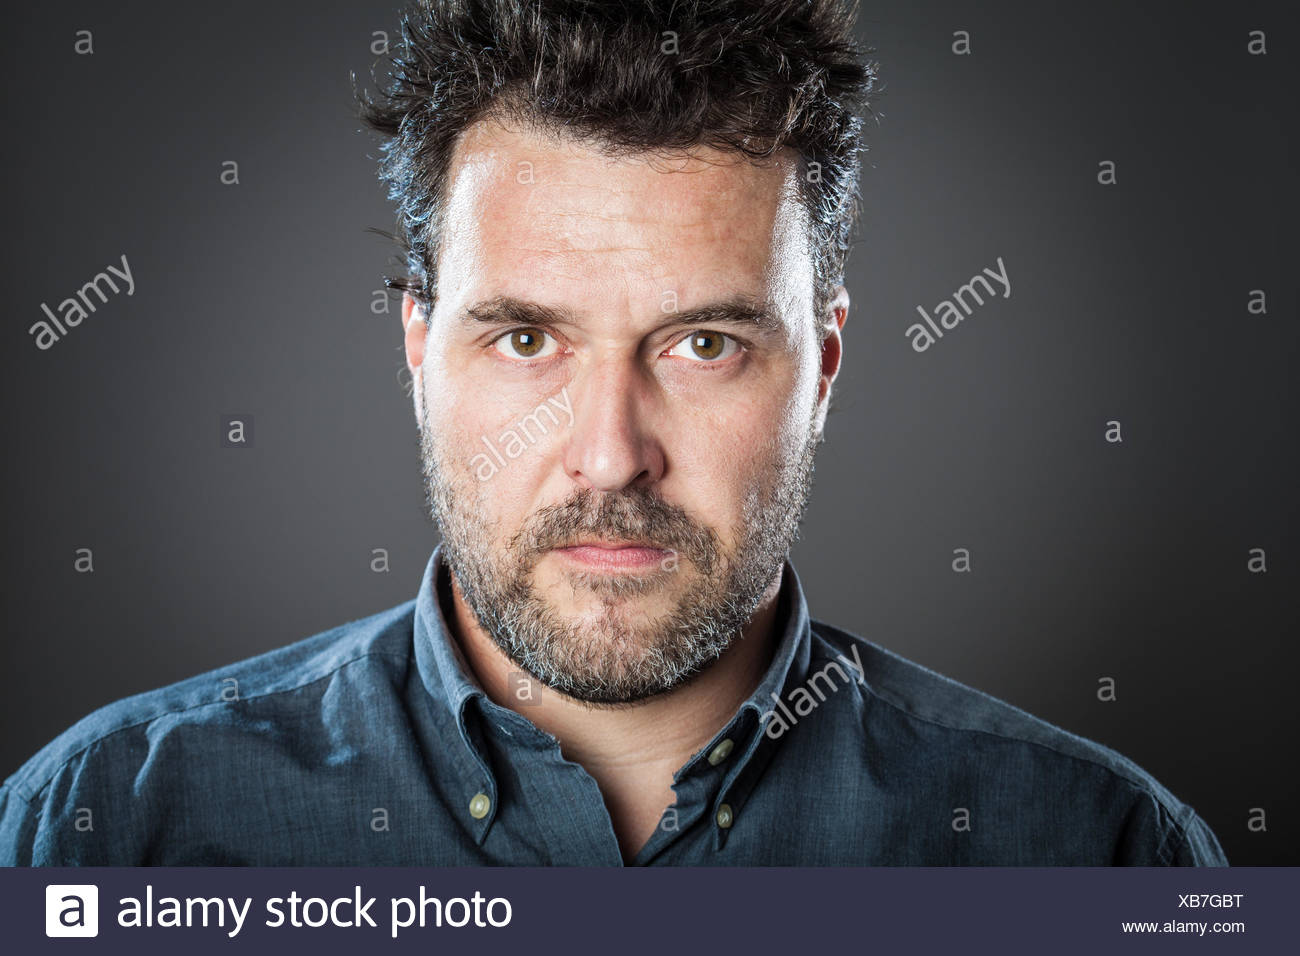 Porträt von ernster Mann stehend vor grauem Hintergrund Stockfoto